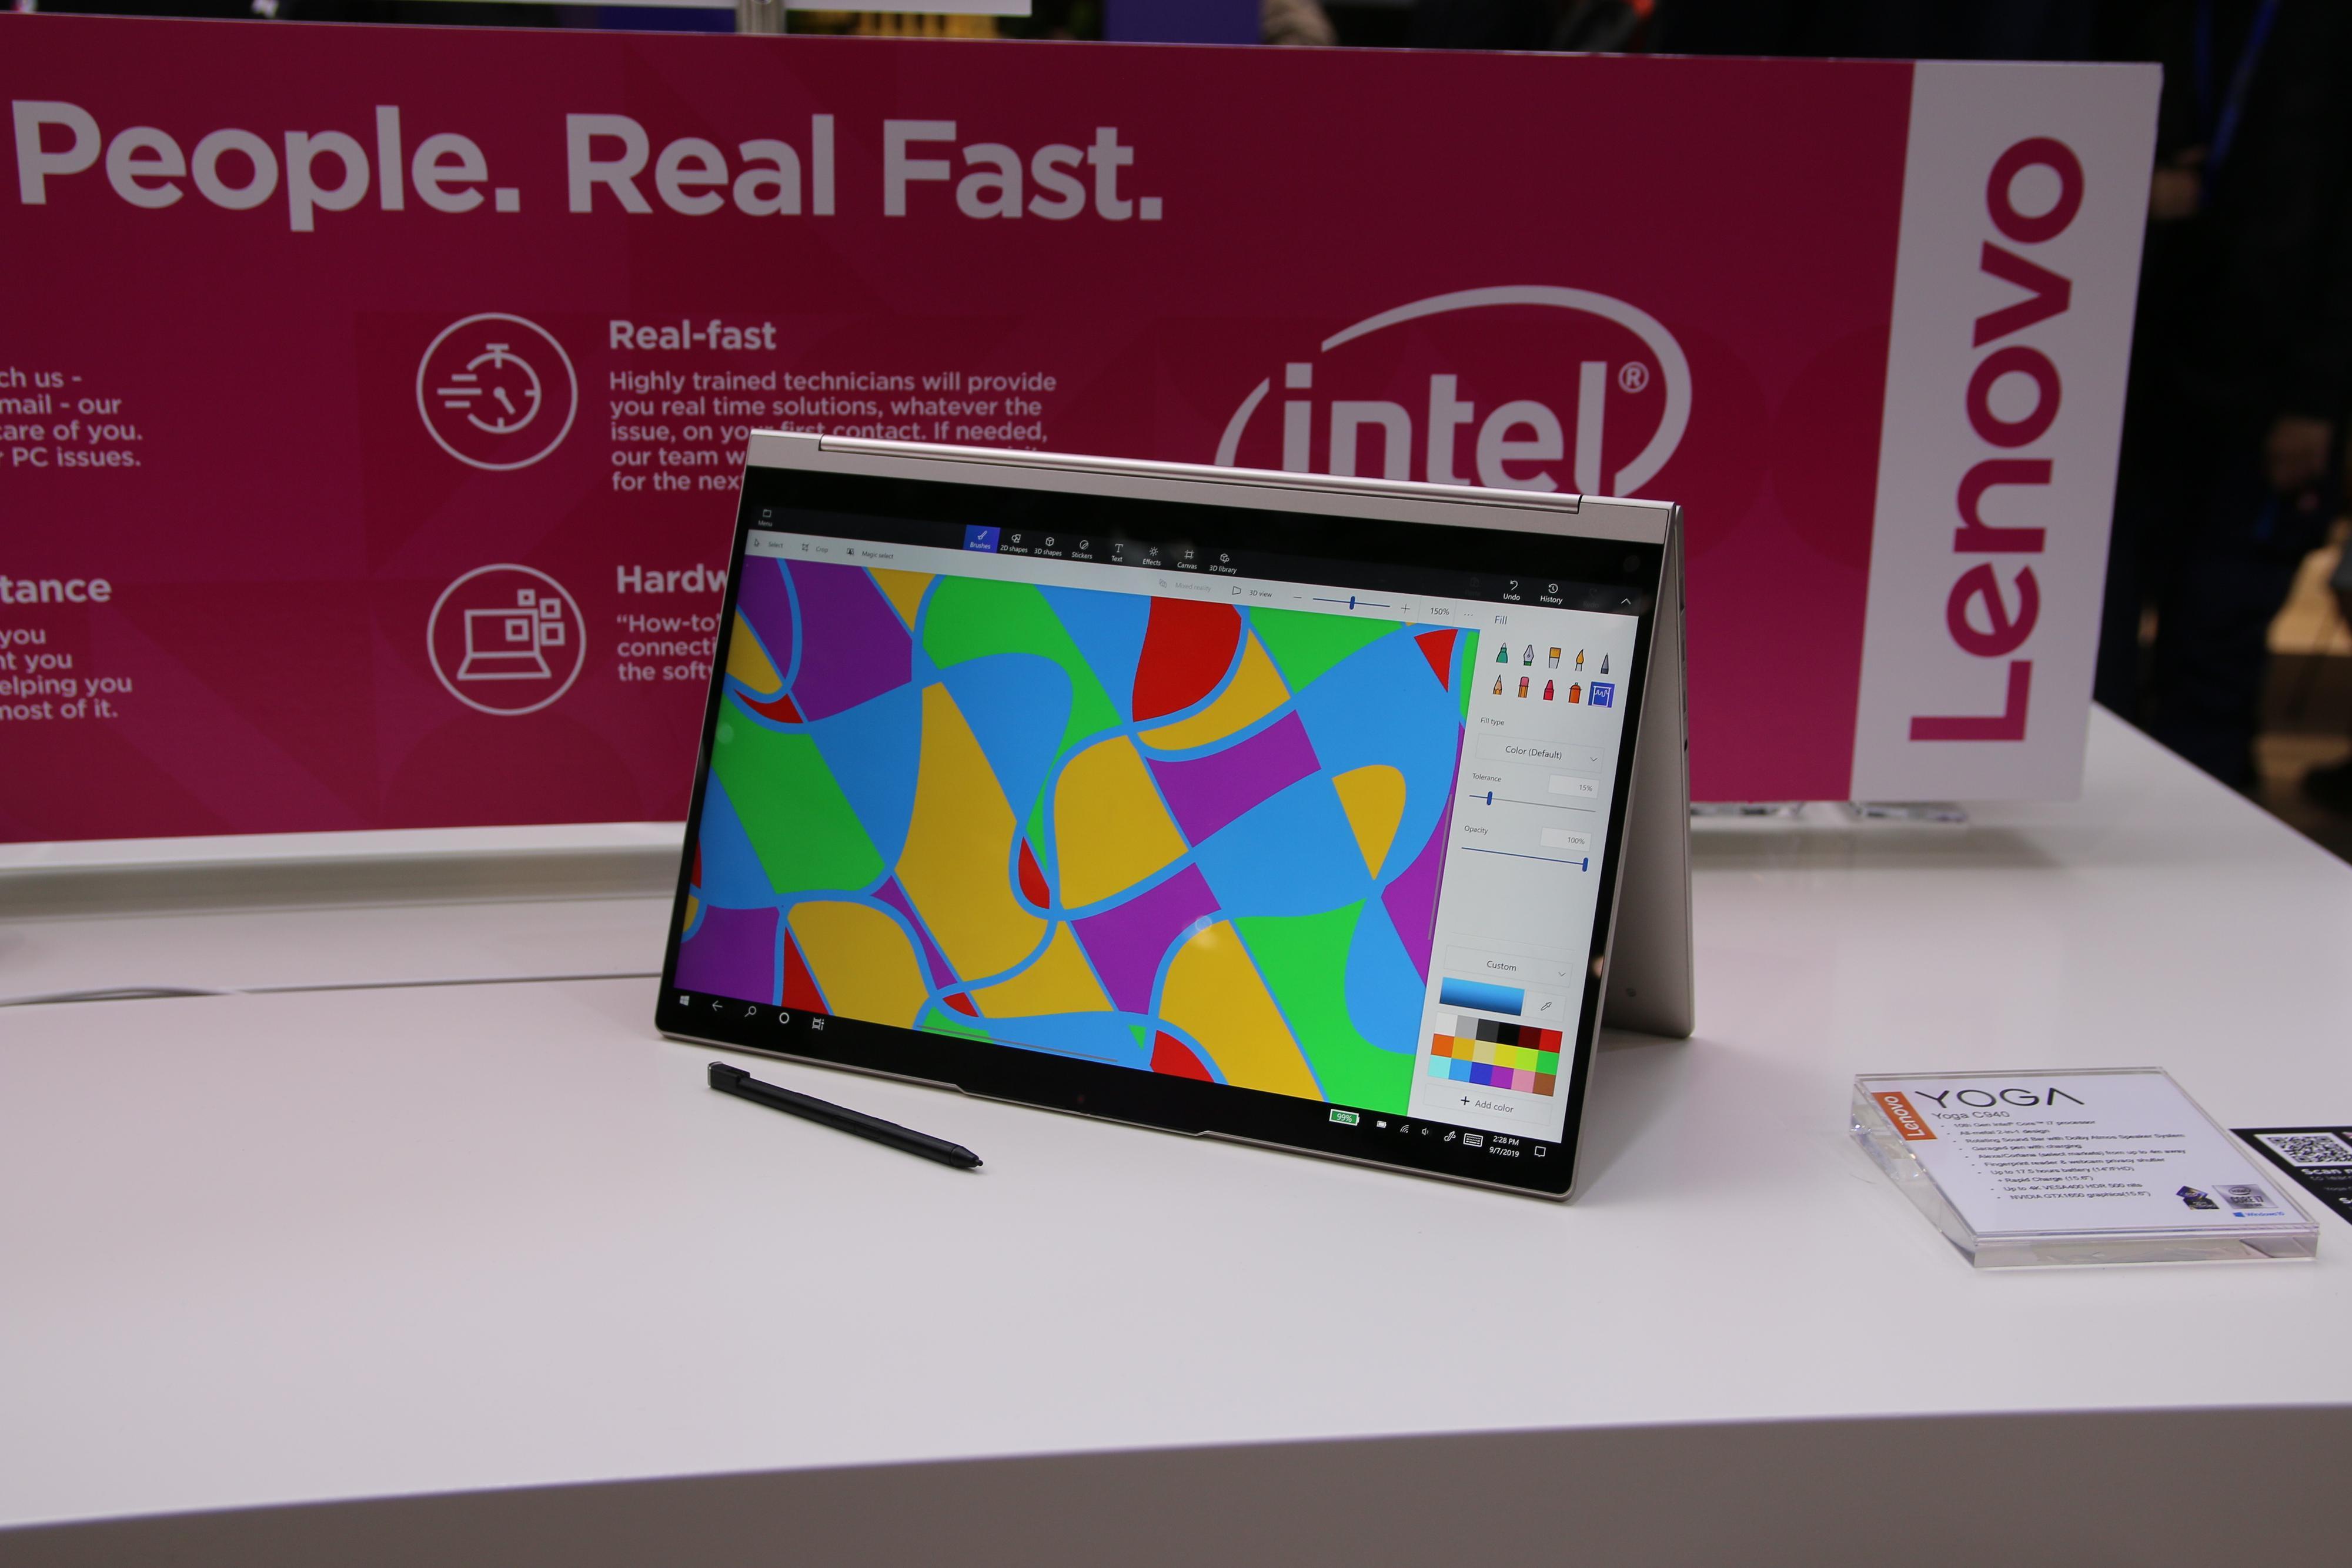 I motsetning til Yoga S-serien kan Yoga C-serien dreies 360 grader og brukes som nettbrett.